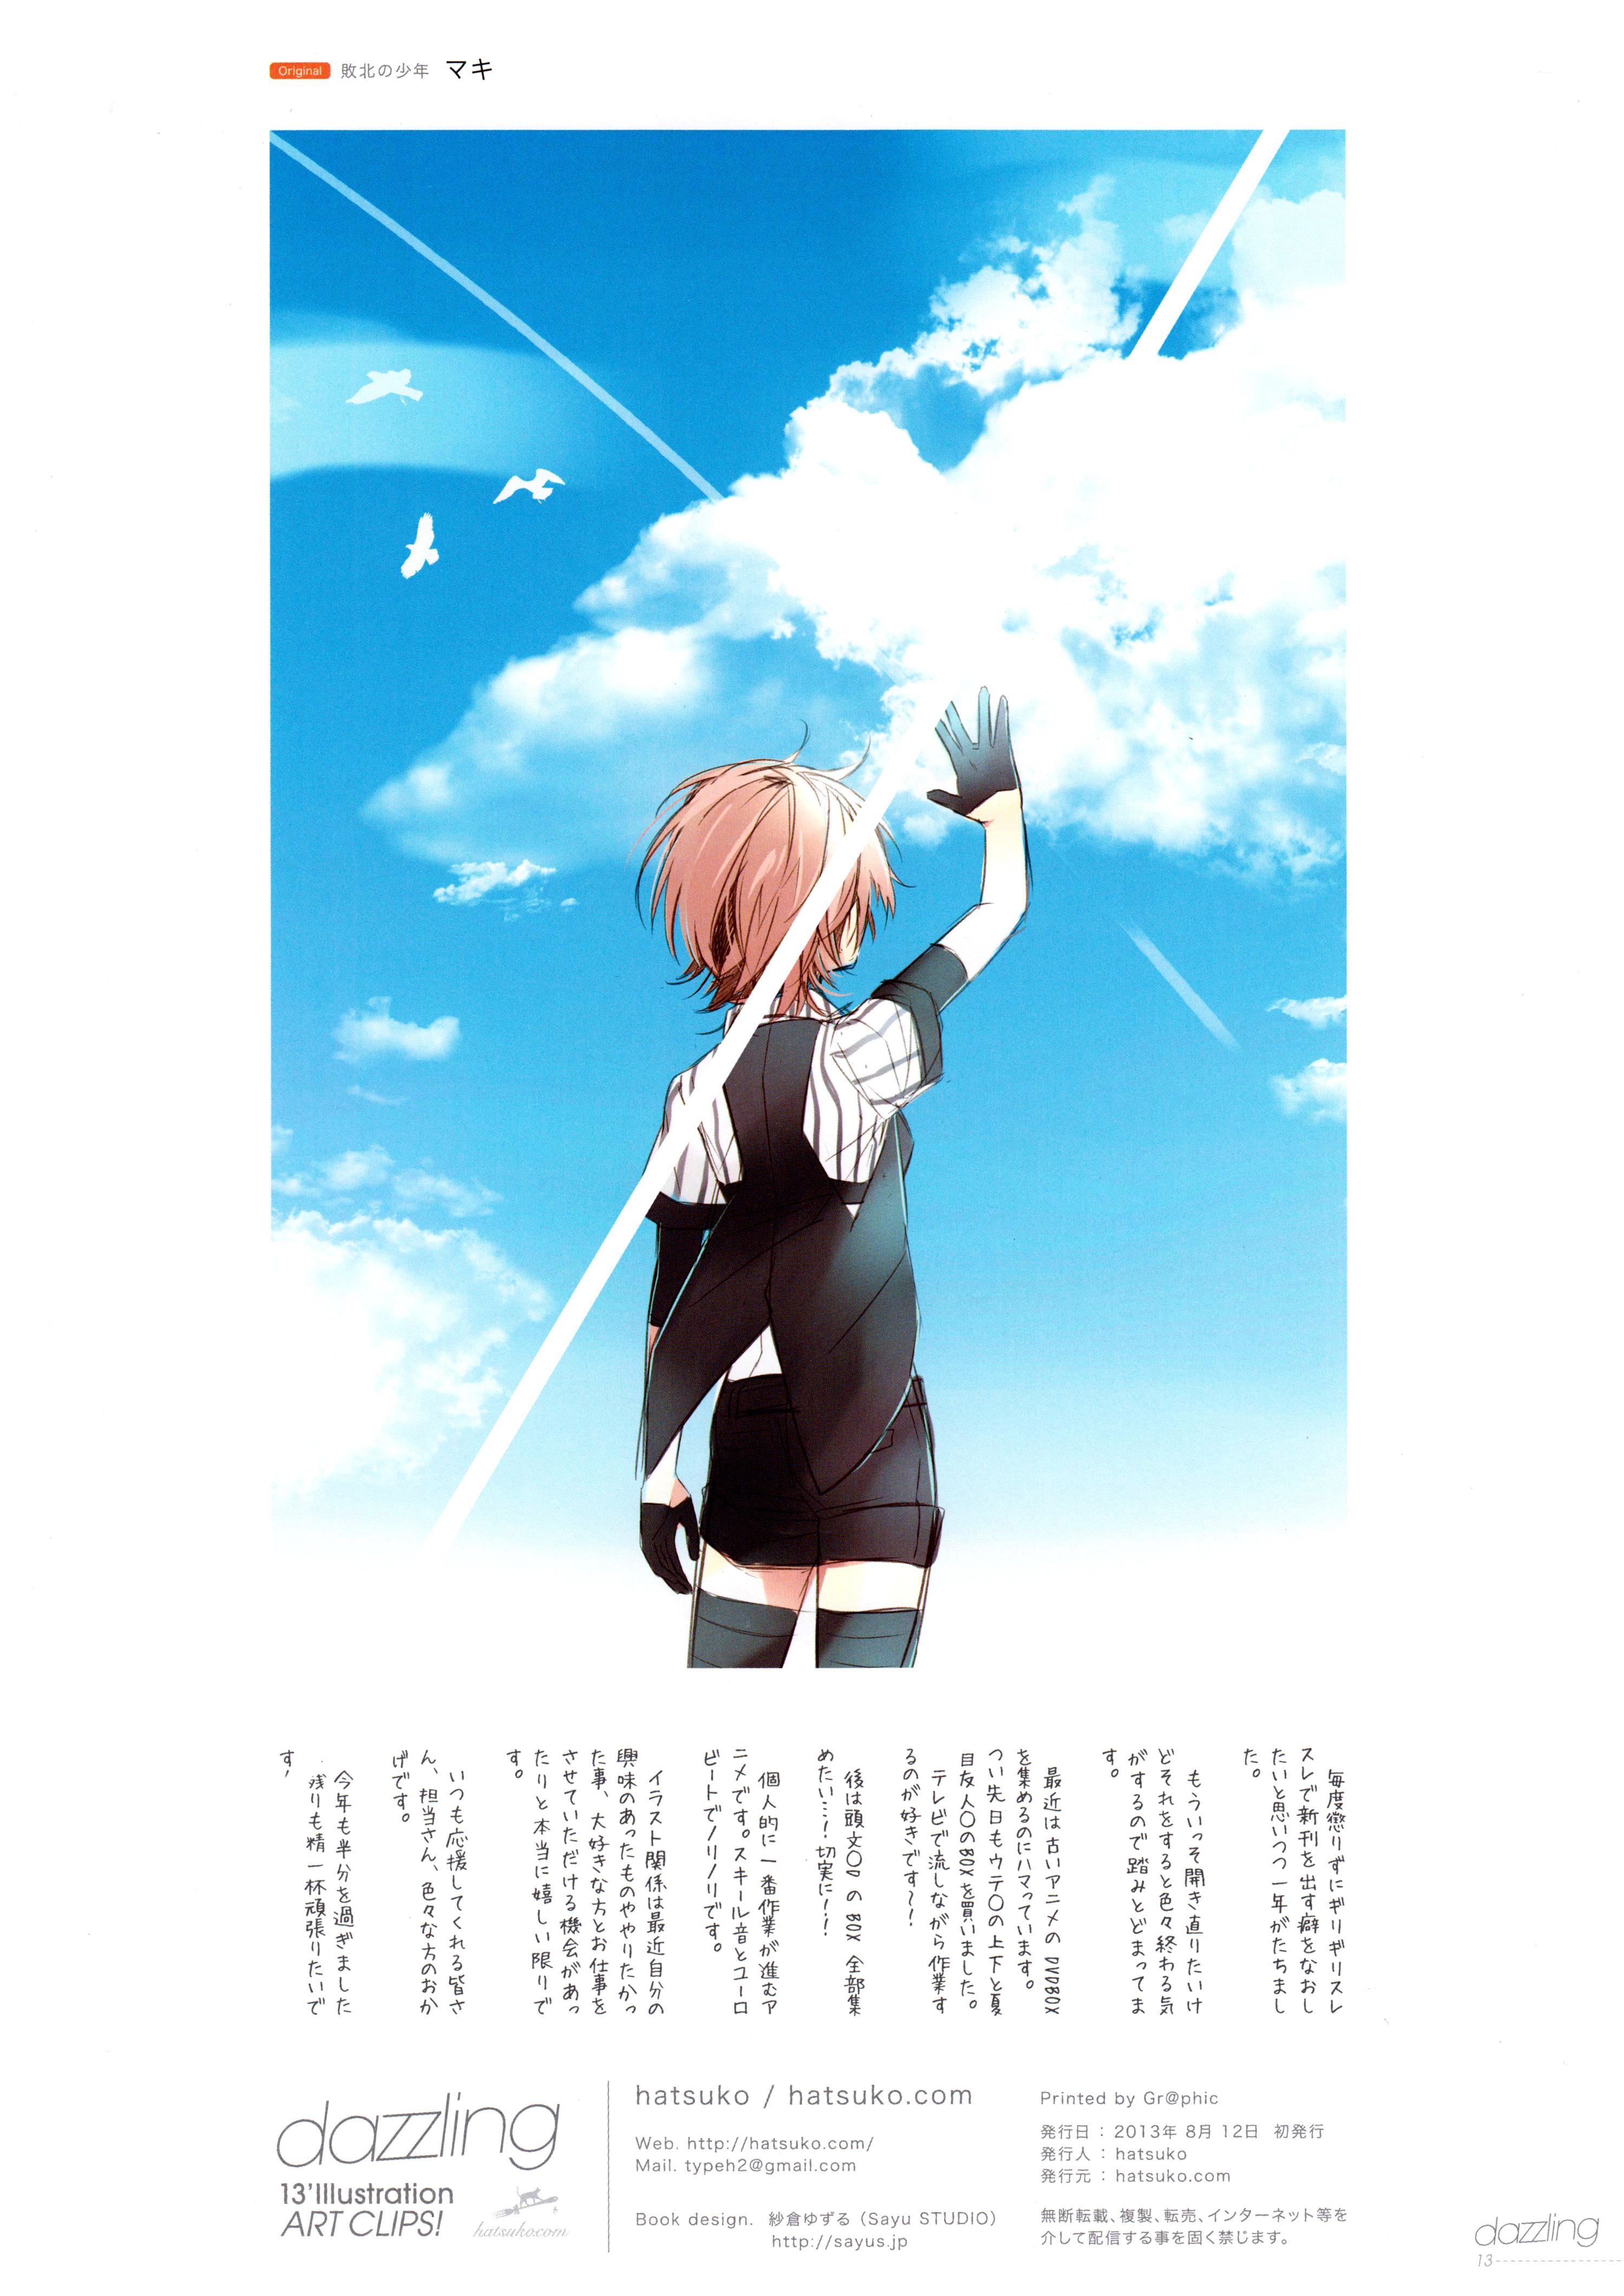 Online Manga List - Page 1 - Mangakakalot.com